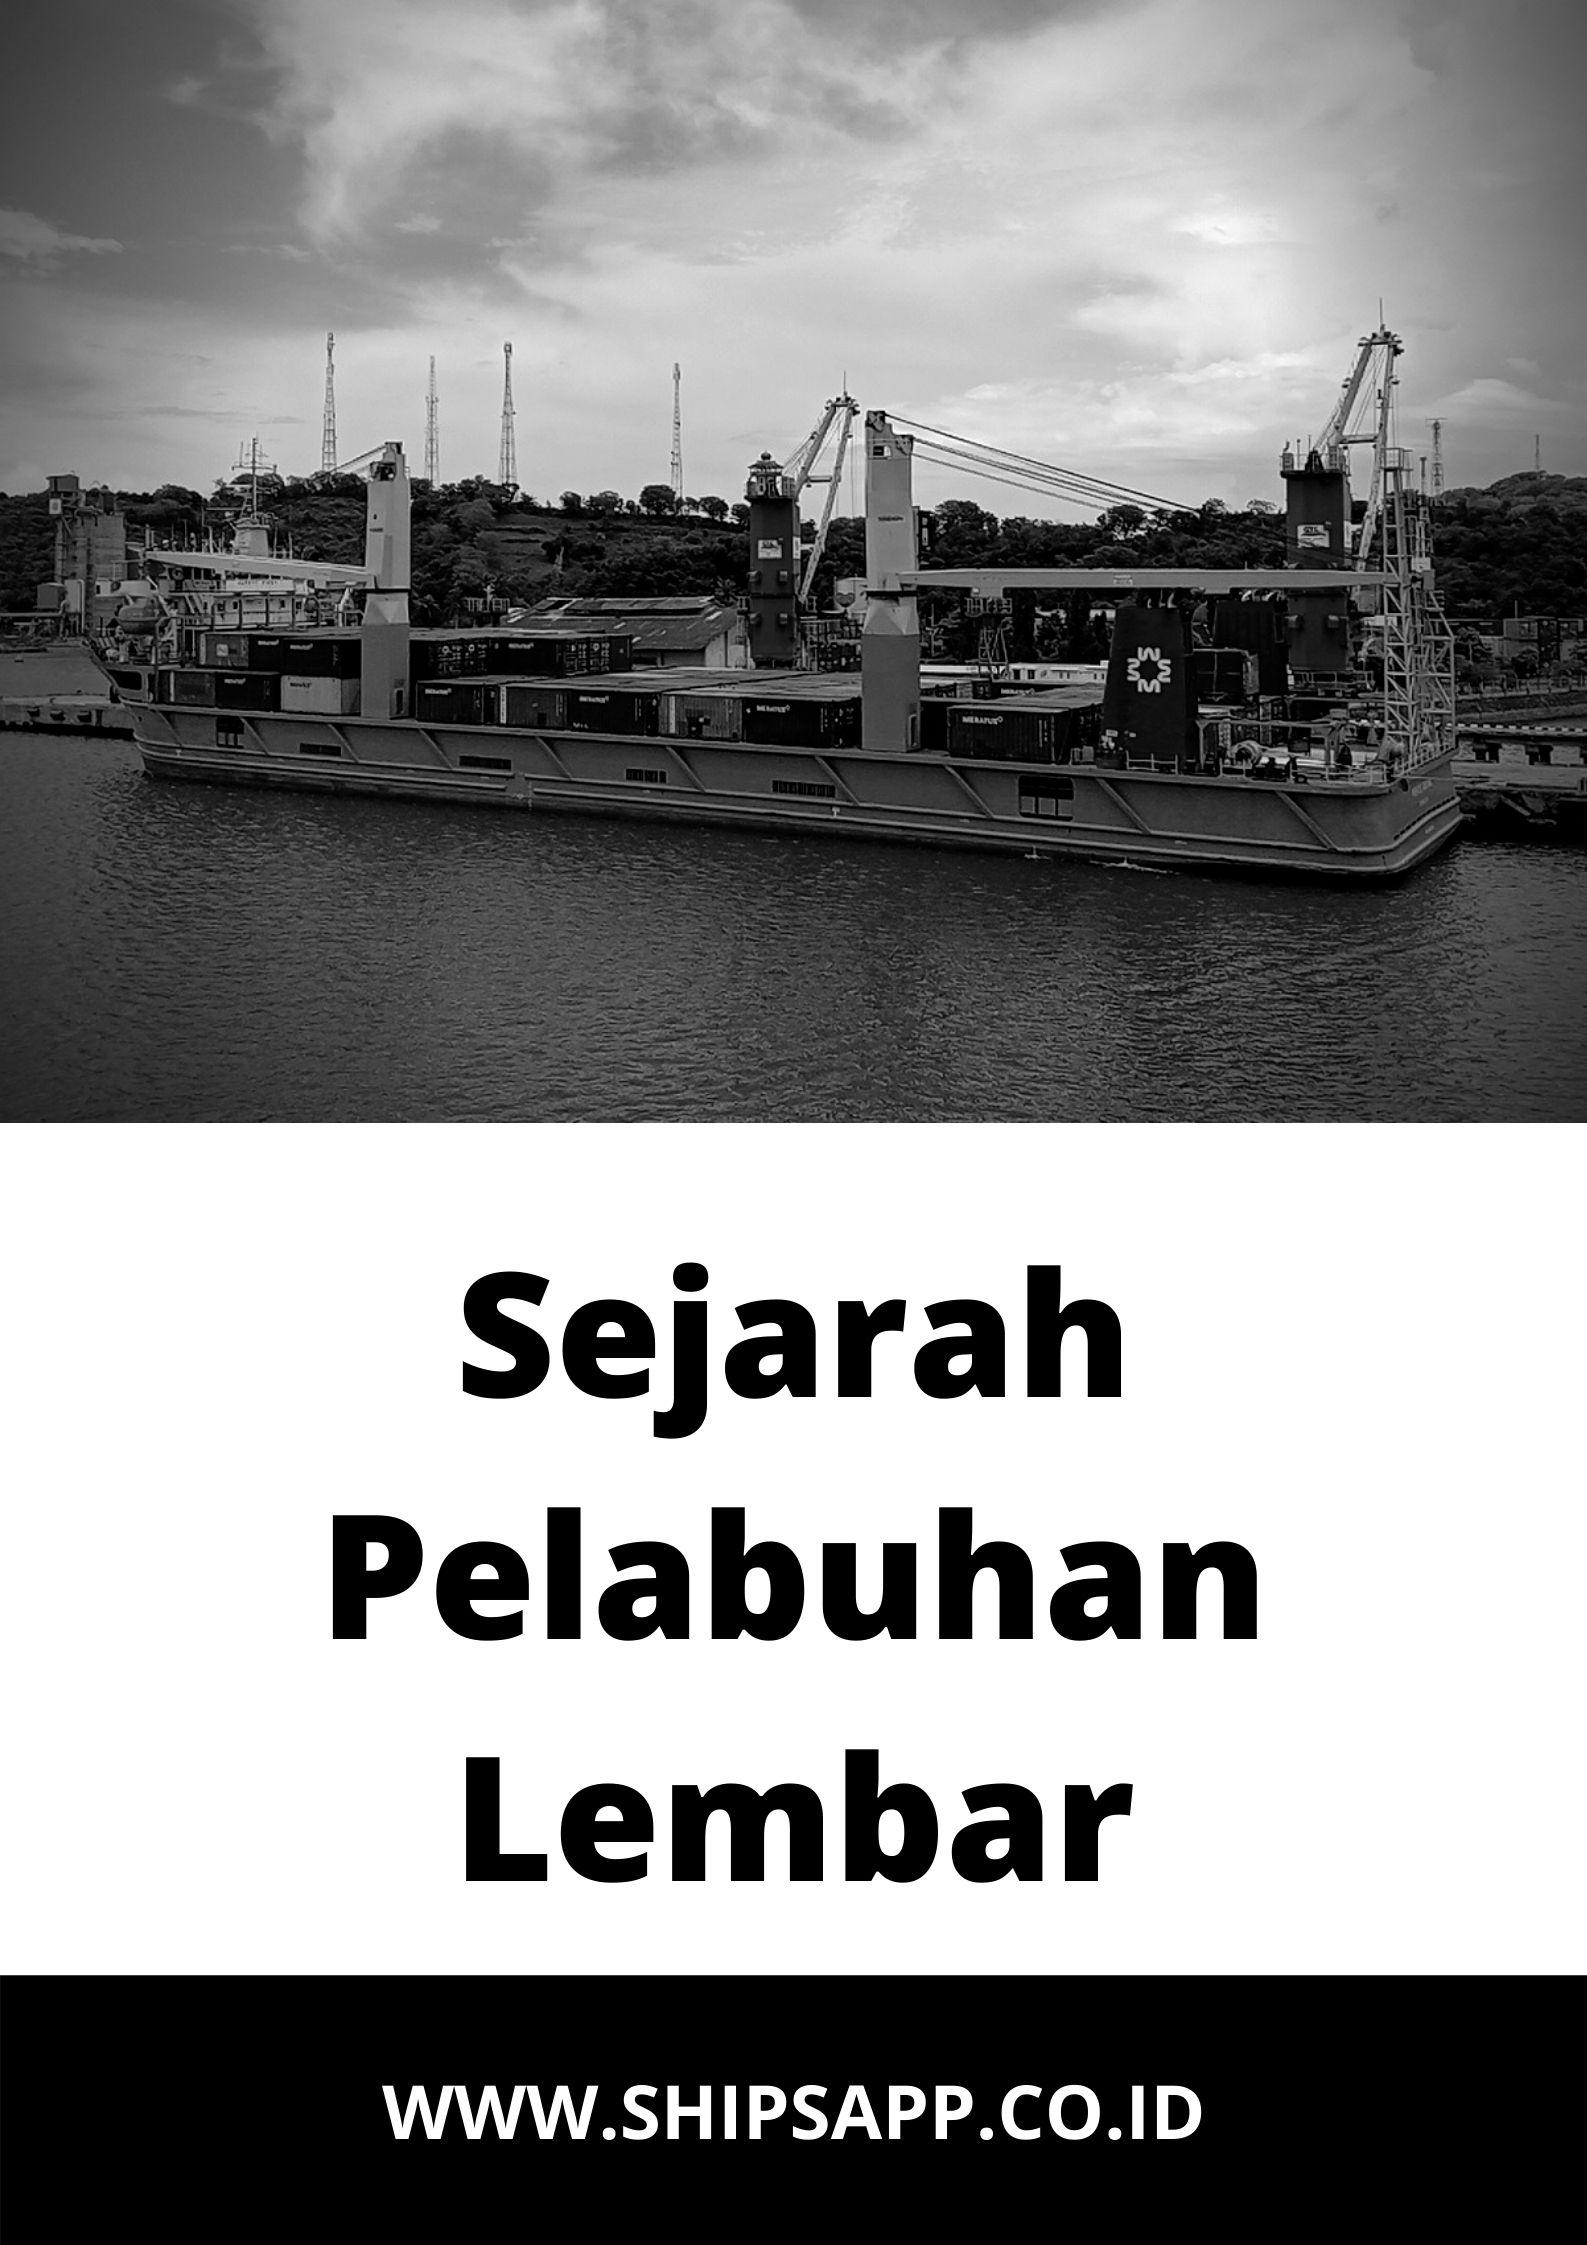 Sejarah Pelabuhan Lembar